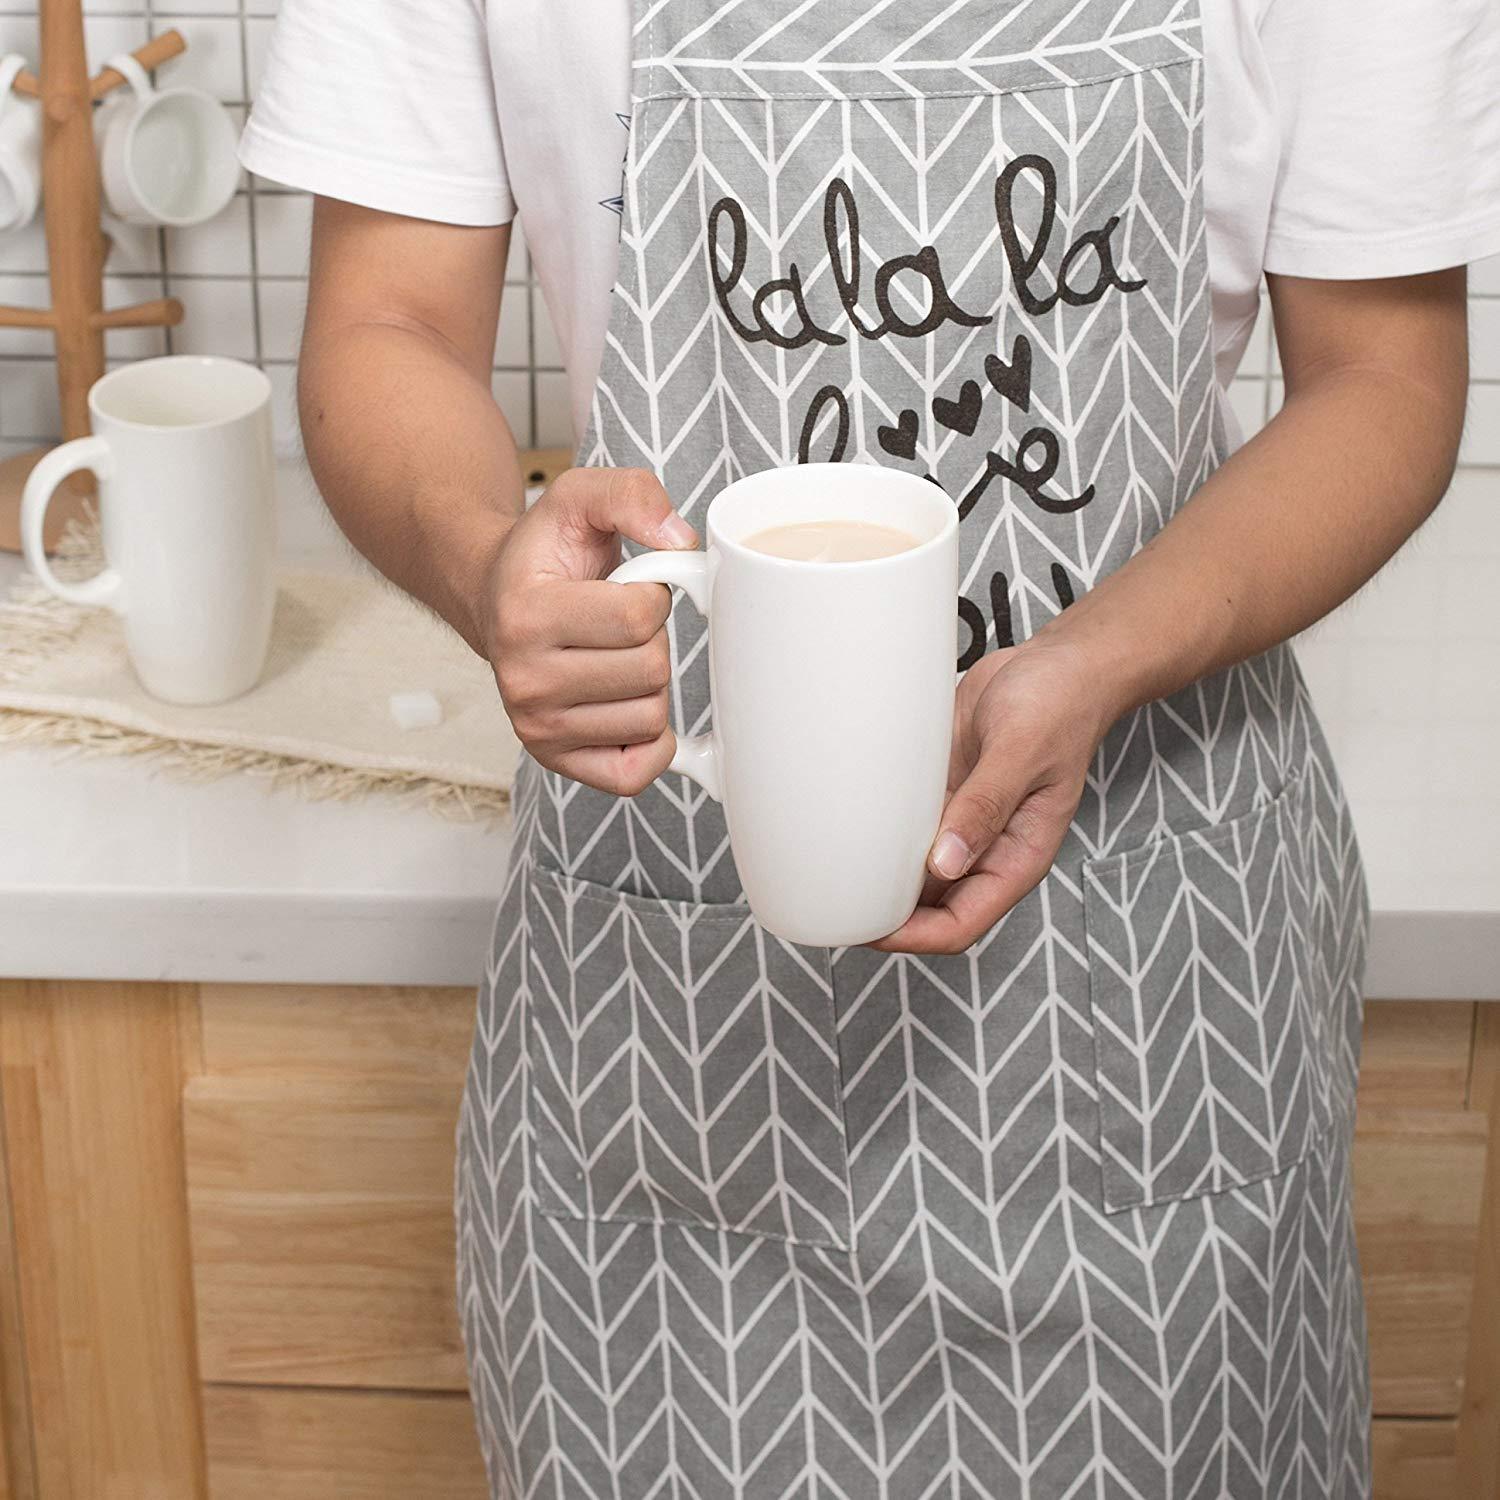 Panbado 2 x Tazas de Café/Té de Porcelana Blanca Tazas de Cerámica ...